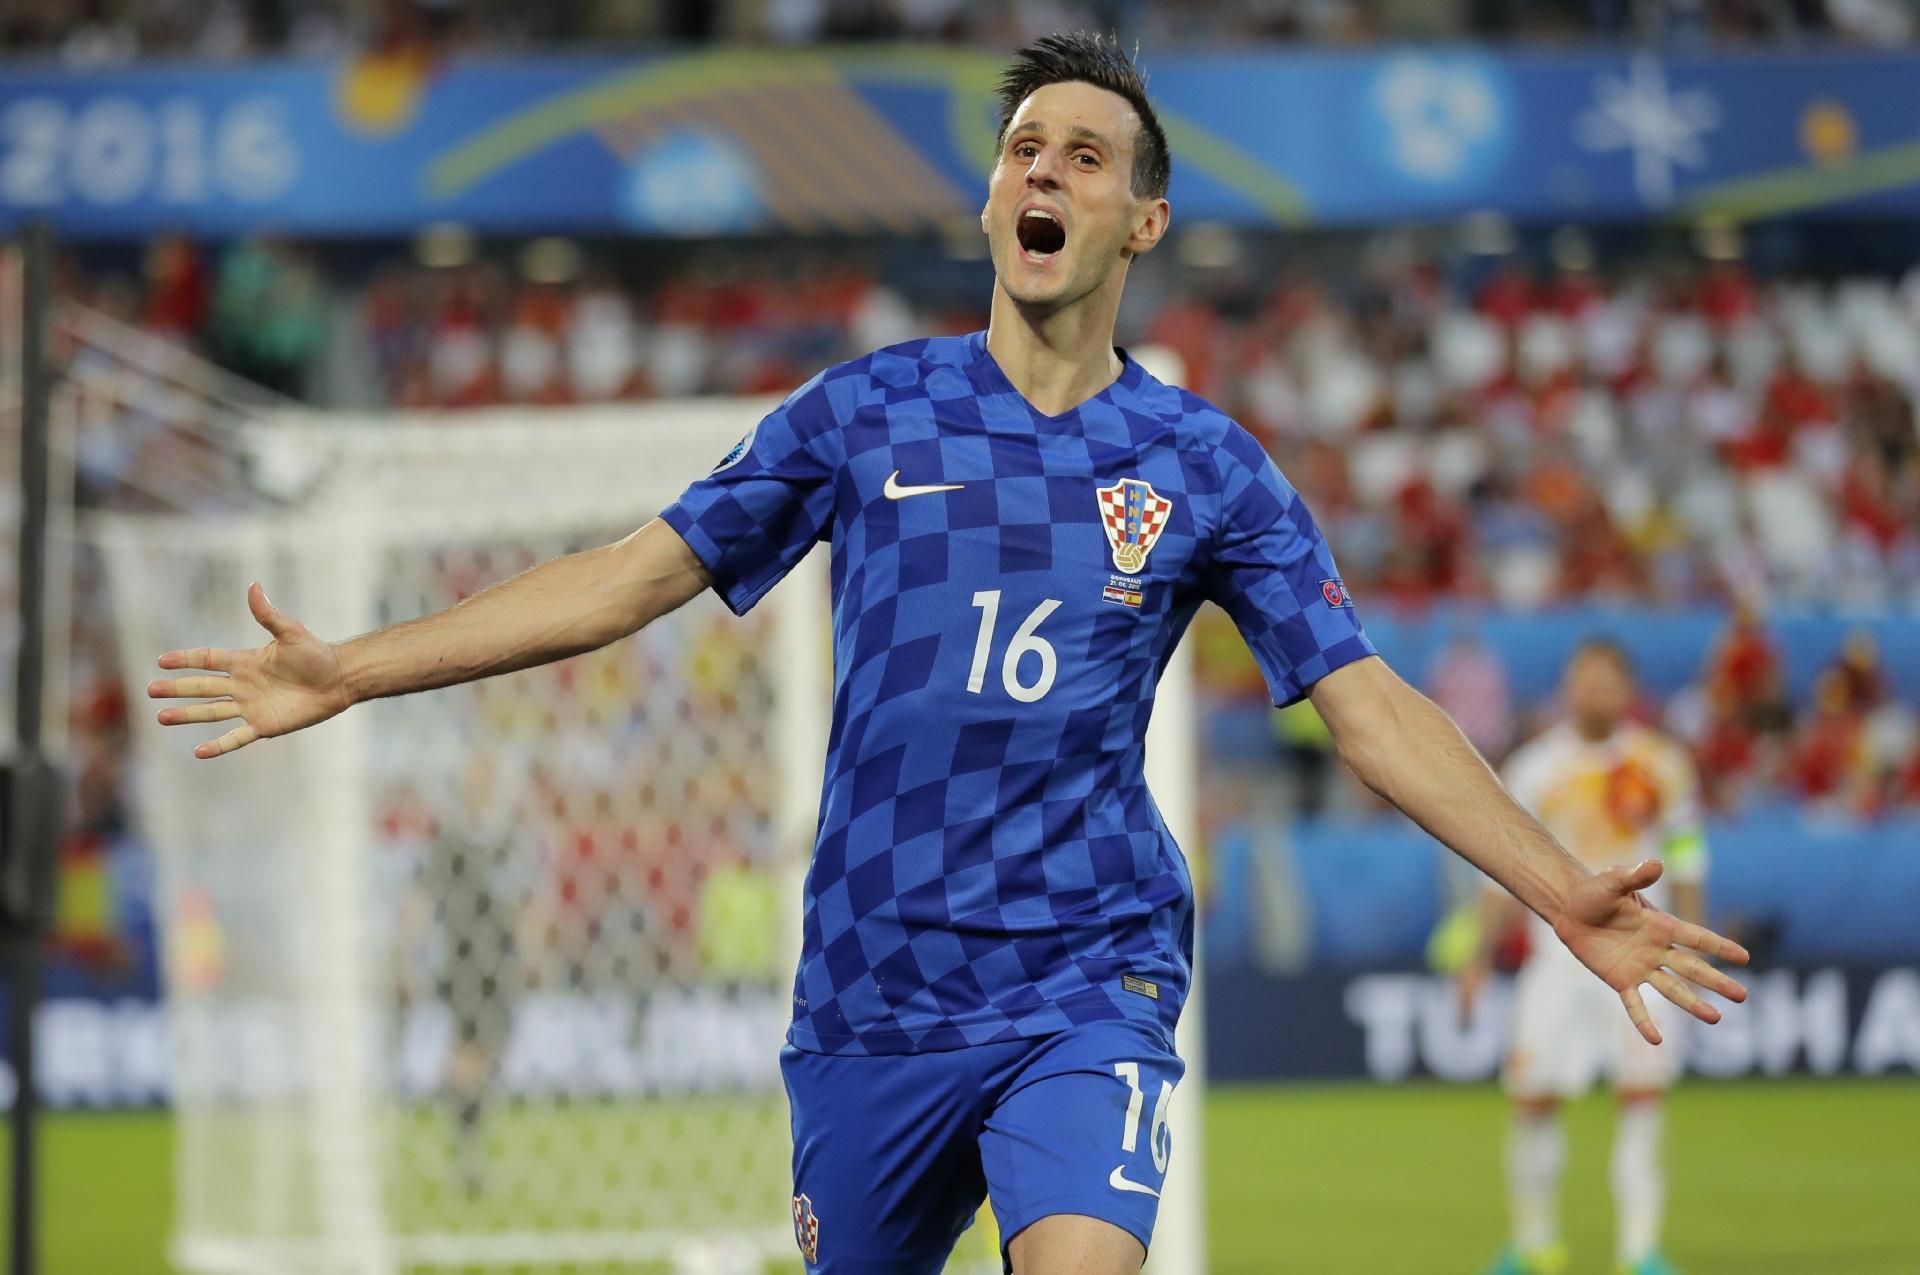 ac29cc6a84 Croácia na Copa 2018  Imprensa  Atacante é expulso da seleção croata por se  recusar a entrar - UOL Copa do Mundo 2018